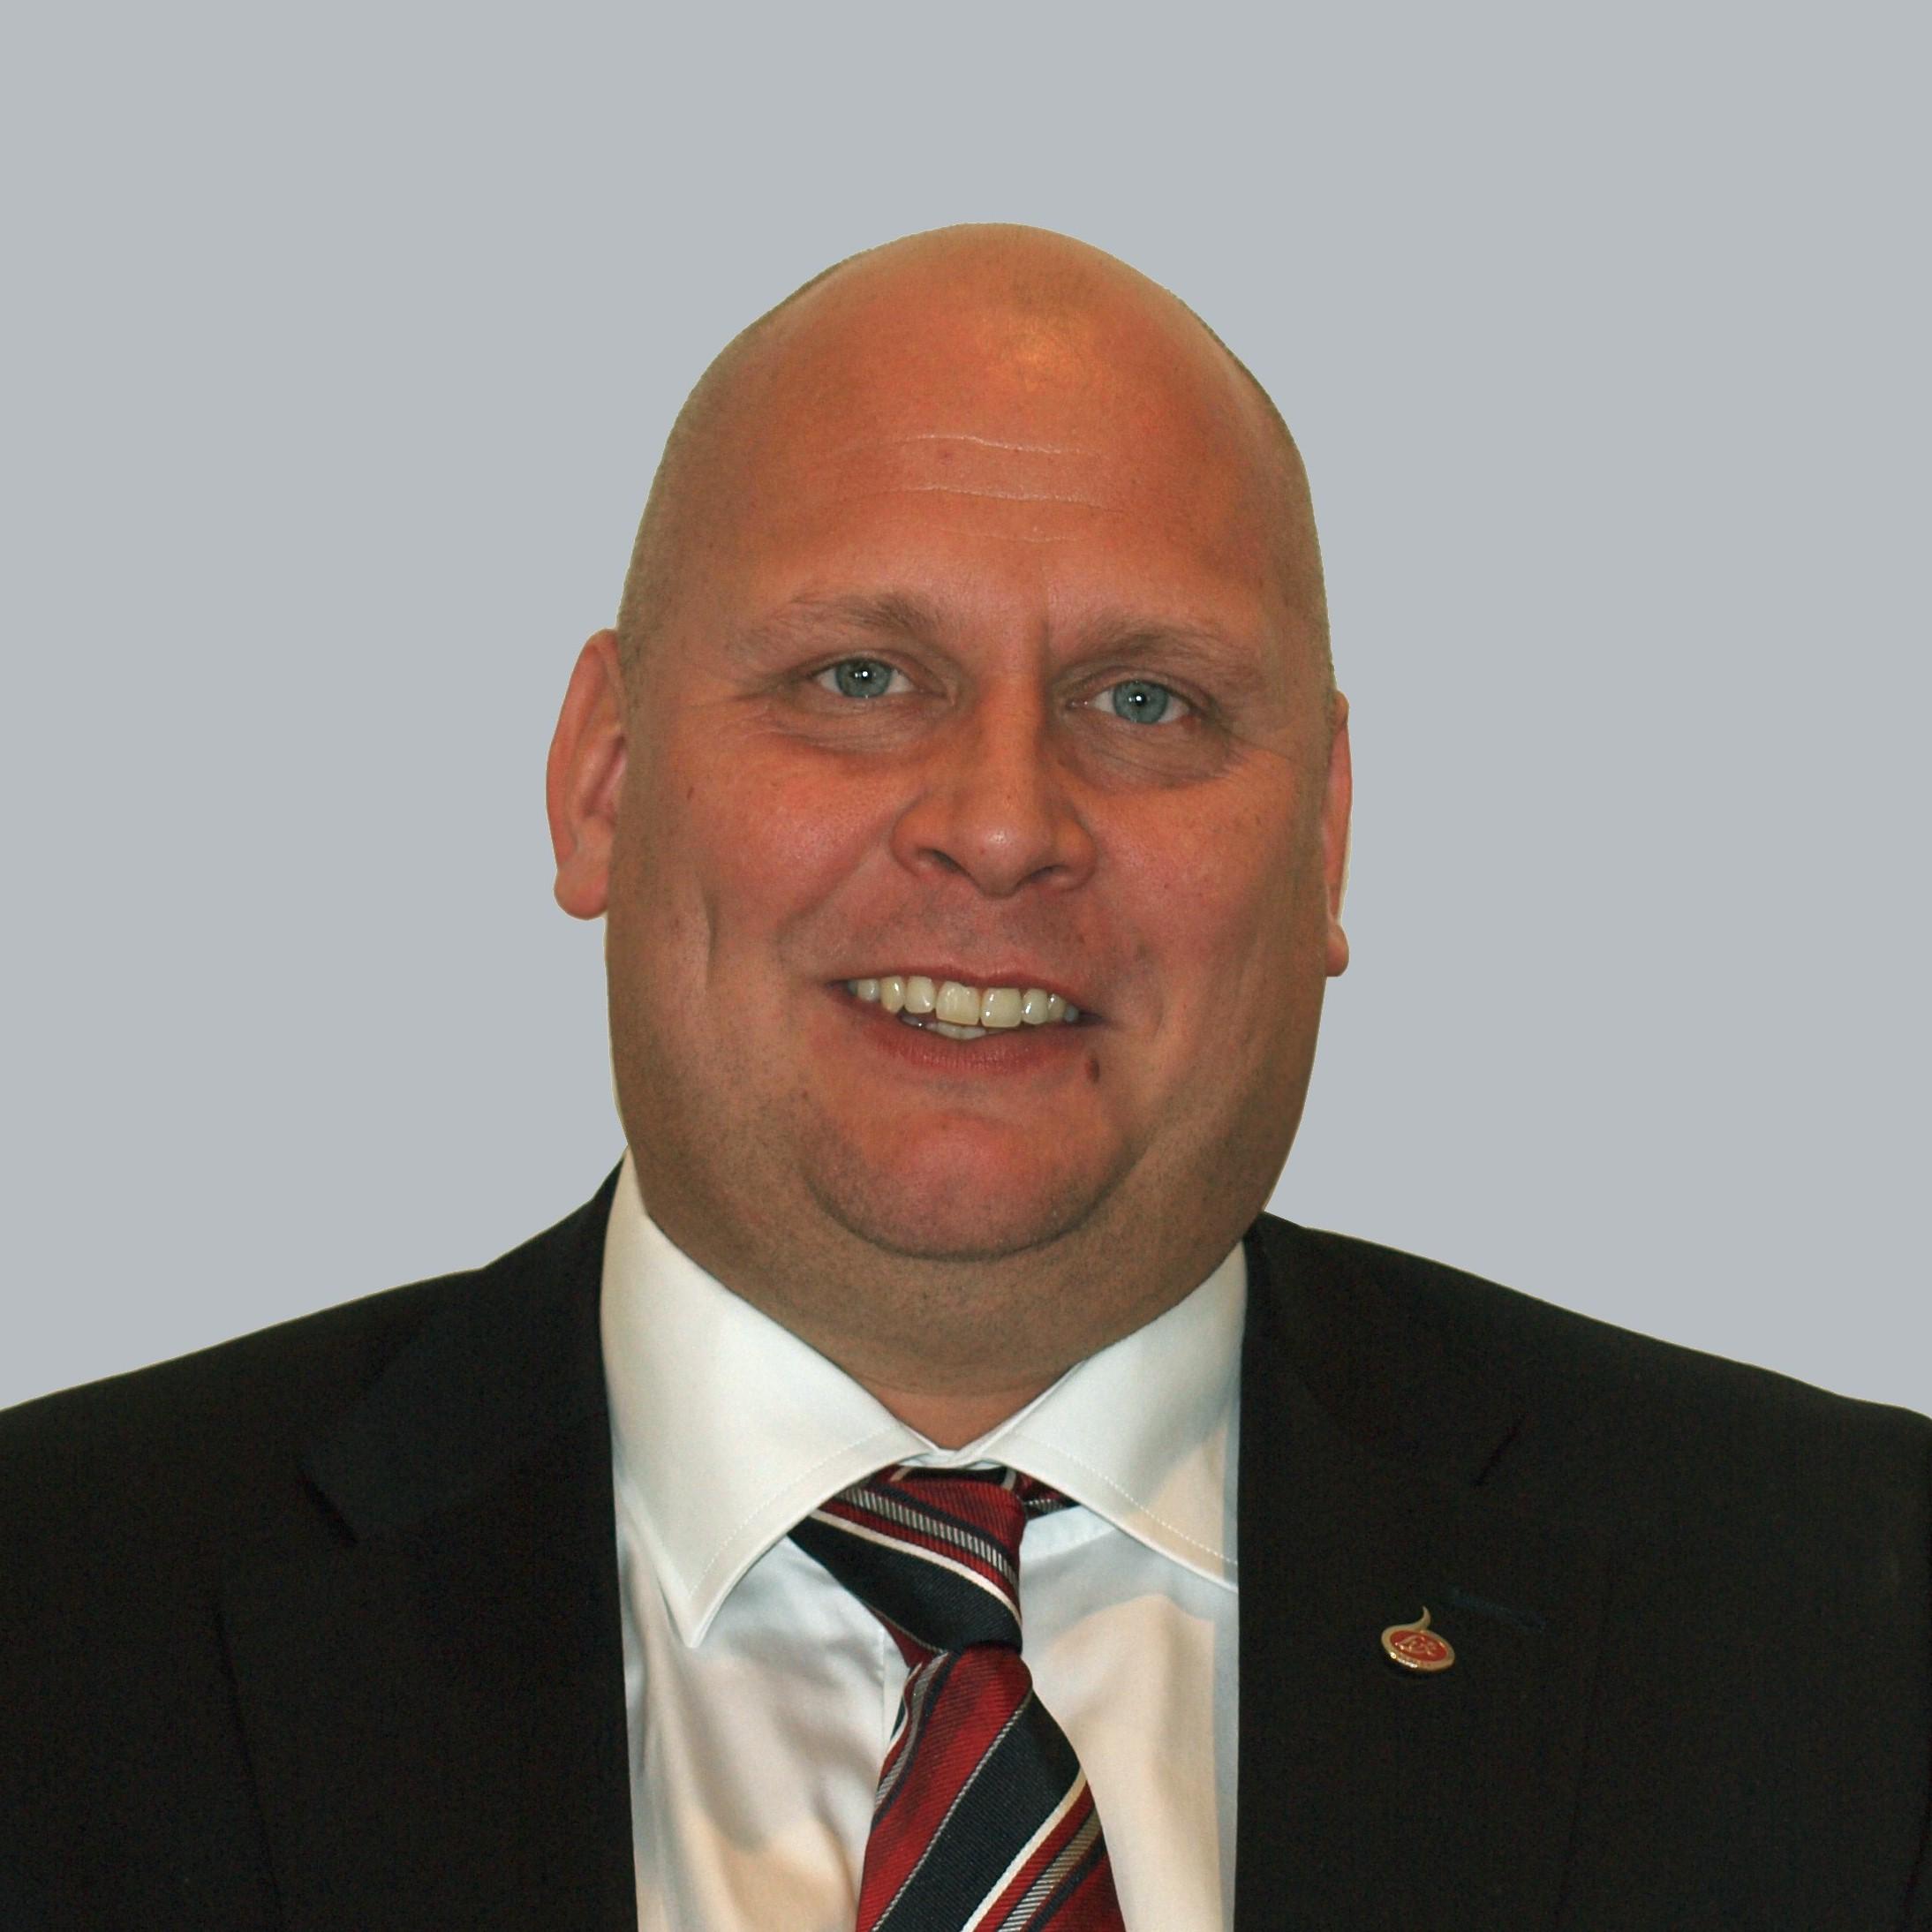 Timo Keränen